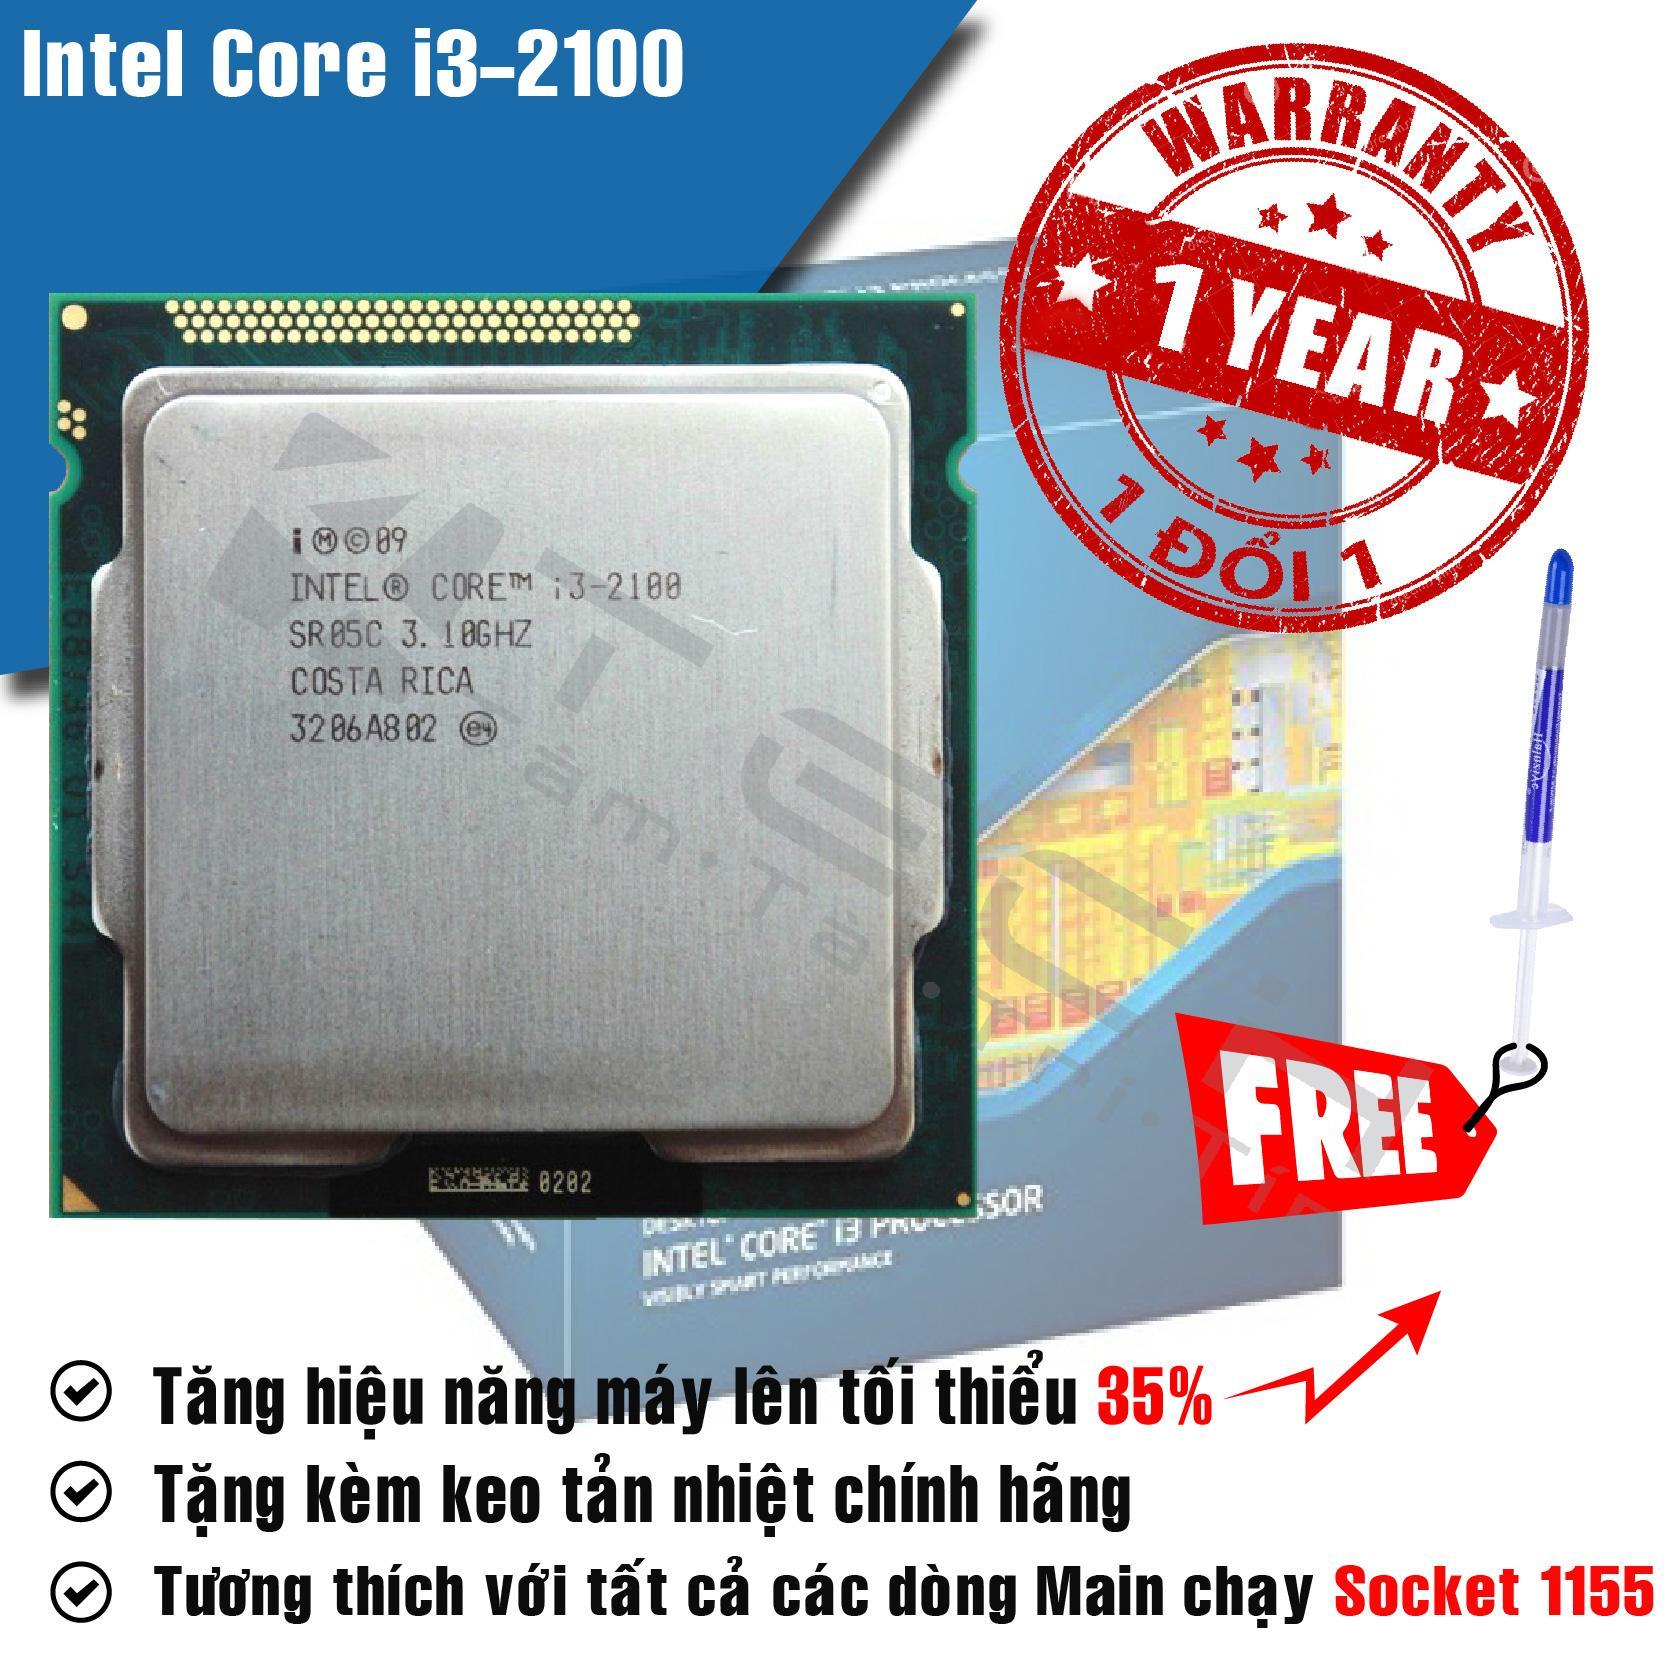 Hình ảnh Bộ Vi Xử Lý Intel Core i3 2100 3.1GHz(2 lõi, 4 luồng), Bus 1066/1333MHz, Cache 3MB - Tặng Keo Tản Nhiệt.